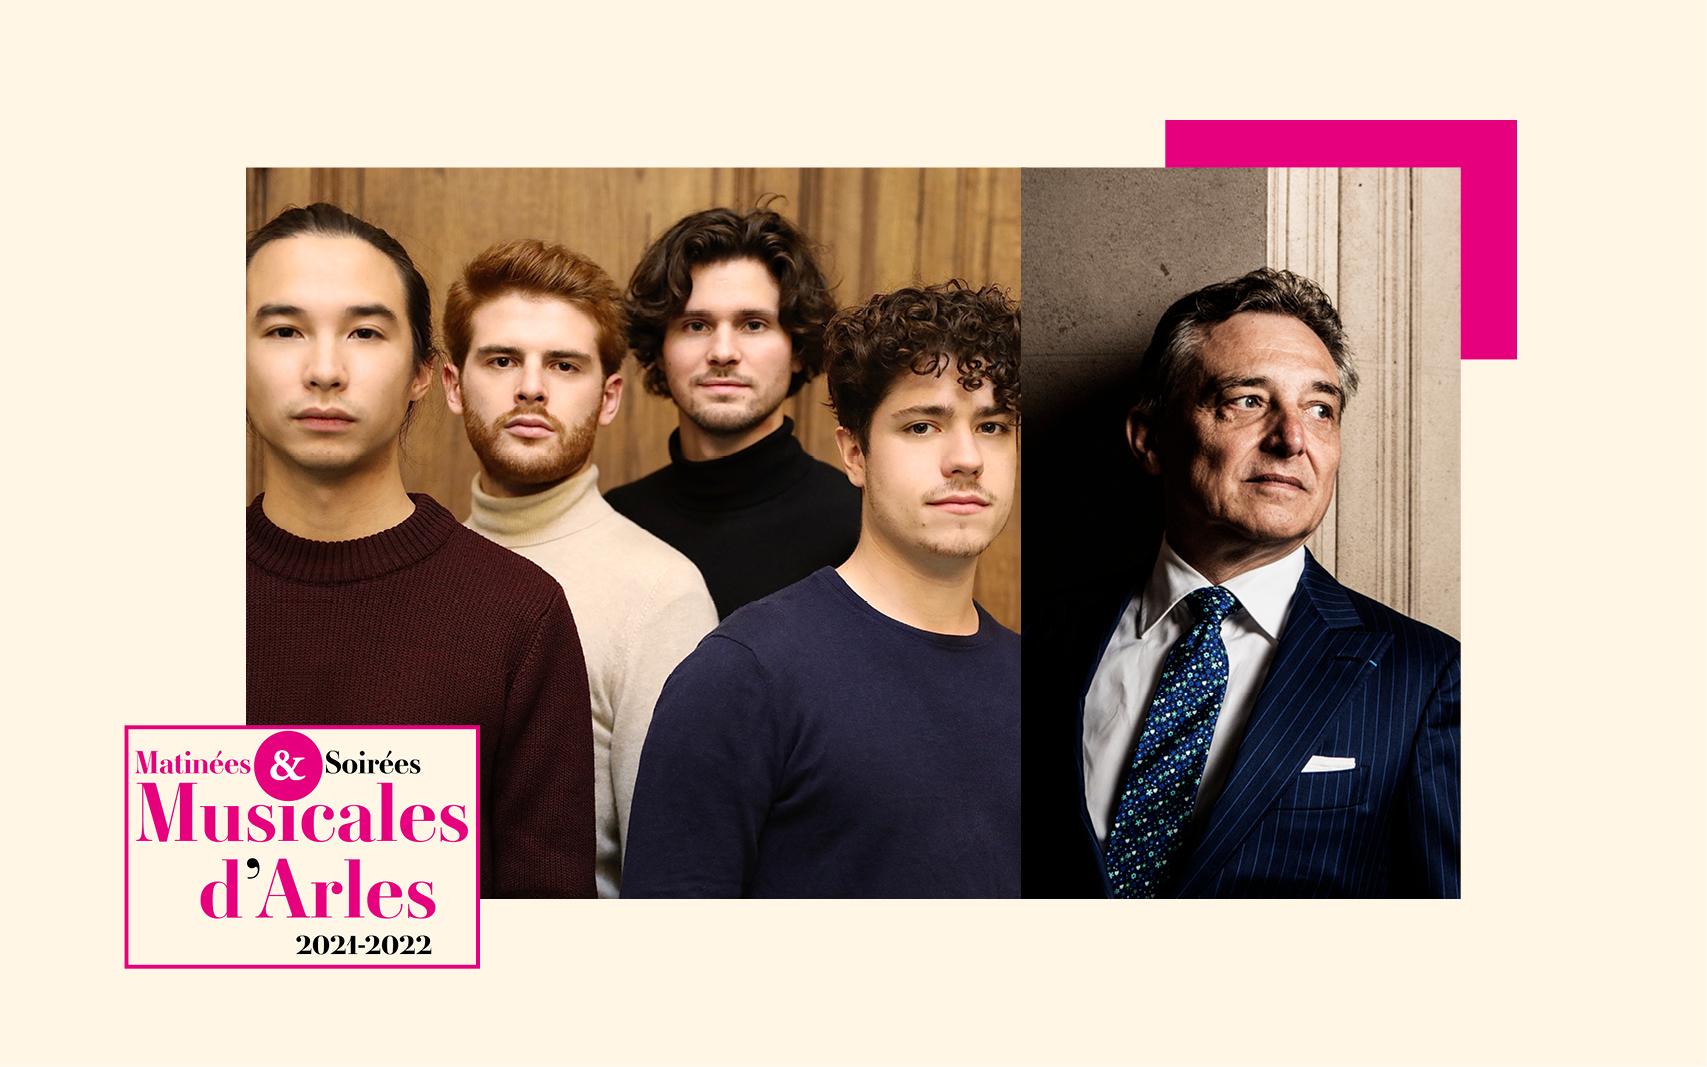 La formation prometteuse, le Quatuor Elmire, est accompagnée au piano par le maître Michel Dalberto qui met à profit toute son expérience pour ses jeunes camarades.